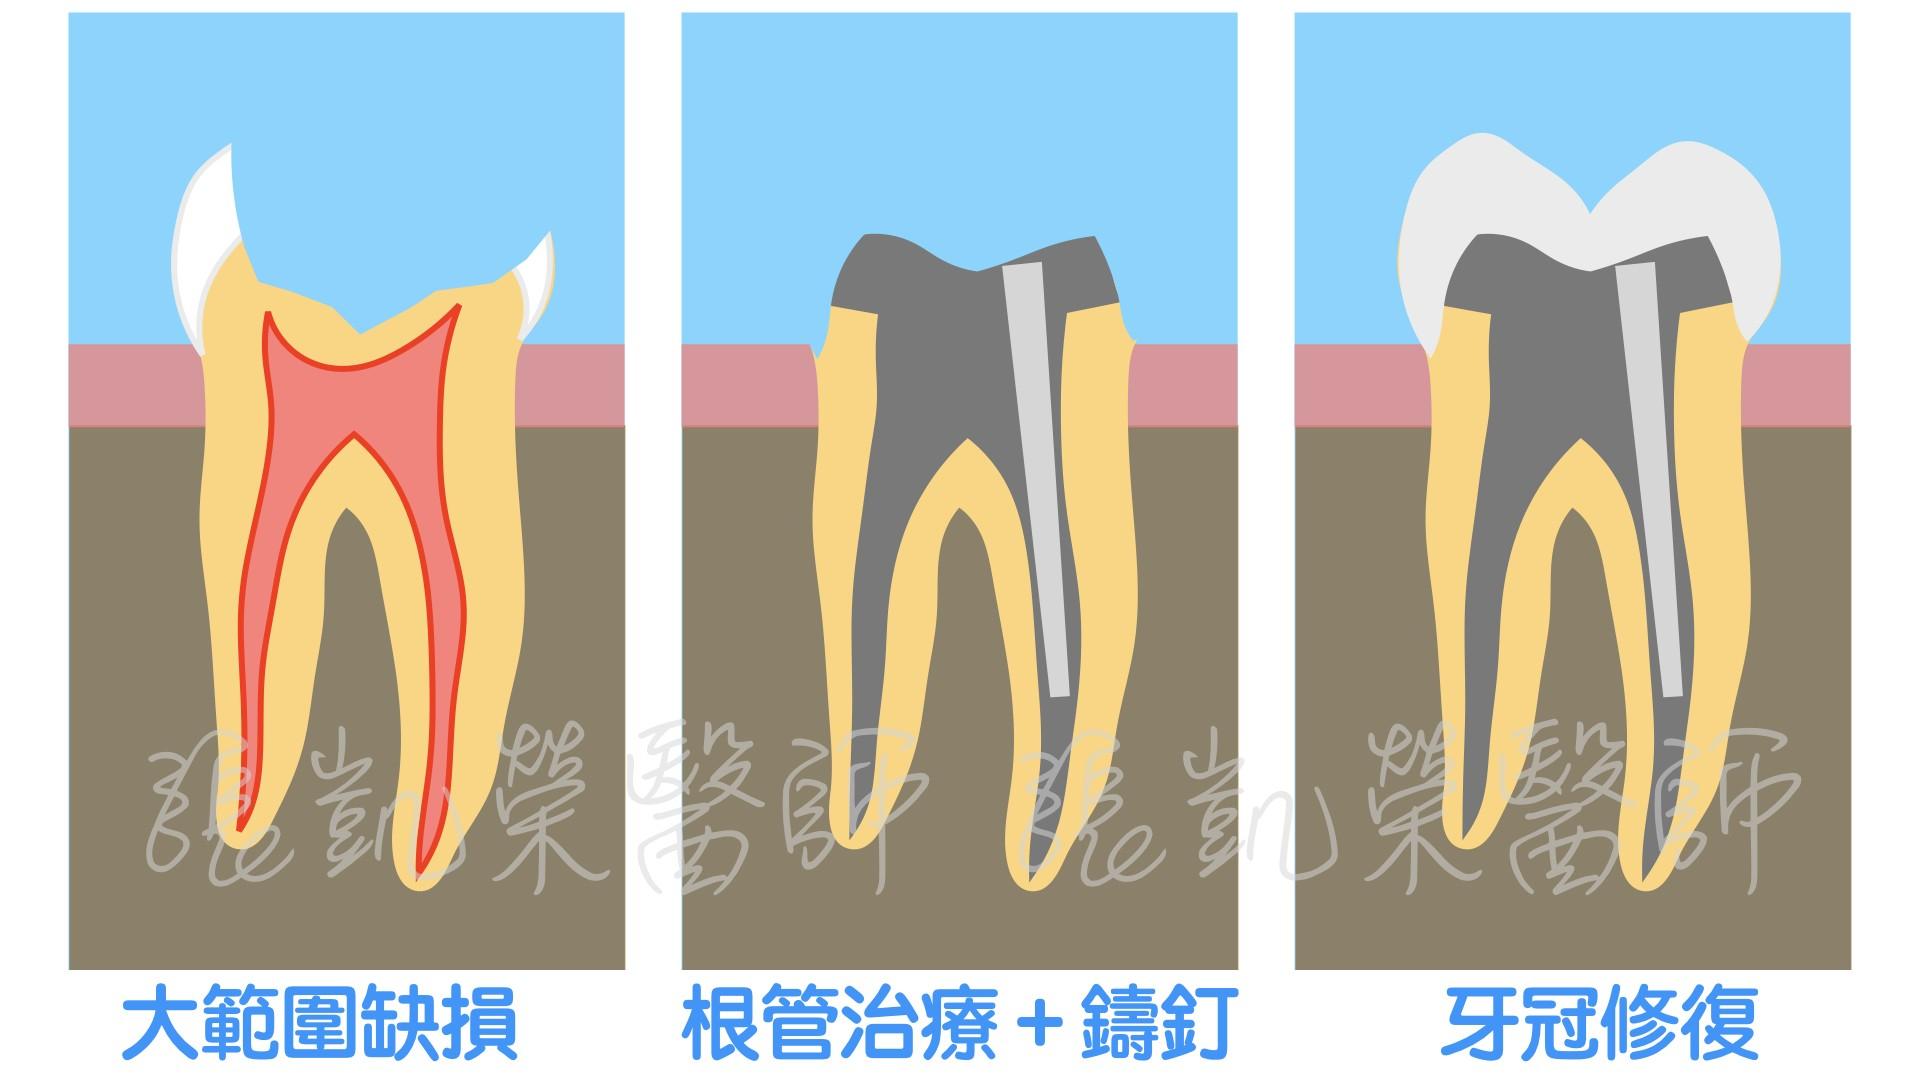 大範圍蛀牙怎麼辦呢? part I:填補好嗎?做假牙好嗎?